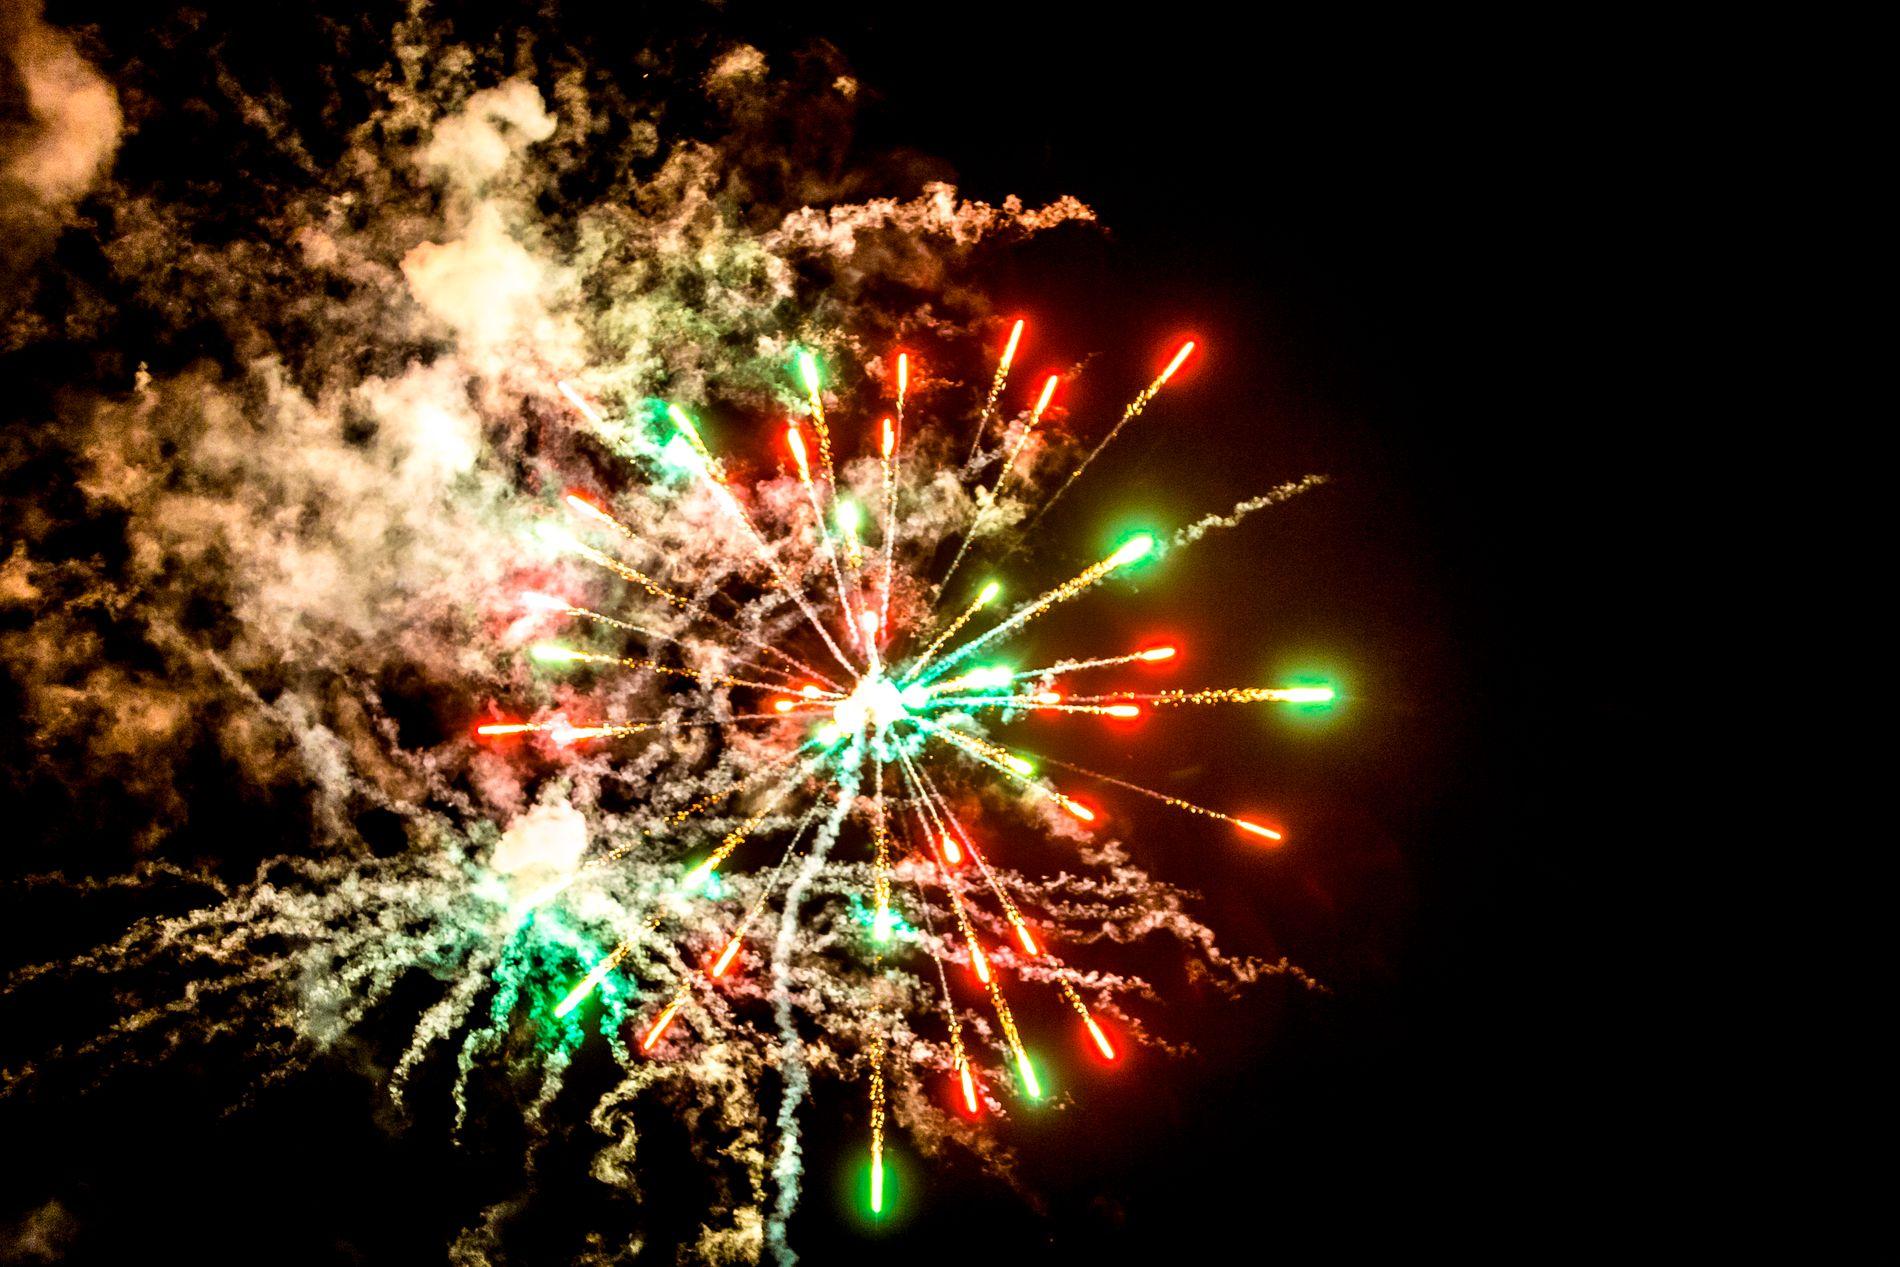 AVLYST: Flere vestlendinger må ta farvel med 2018 uten det store smellet.